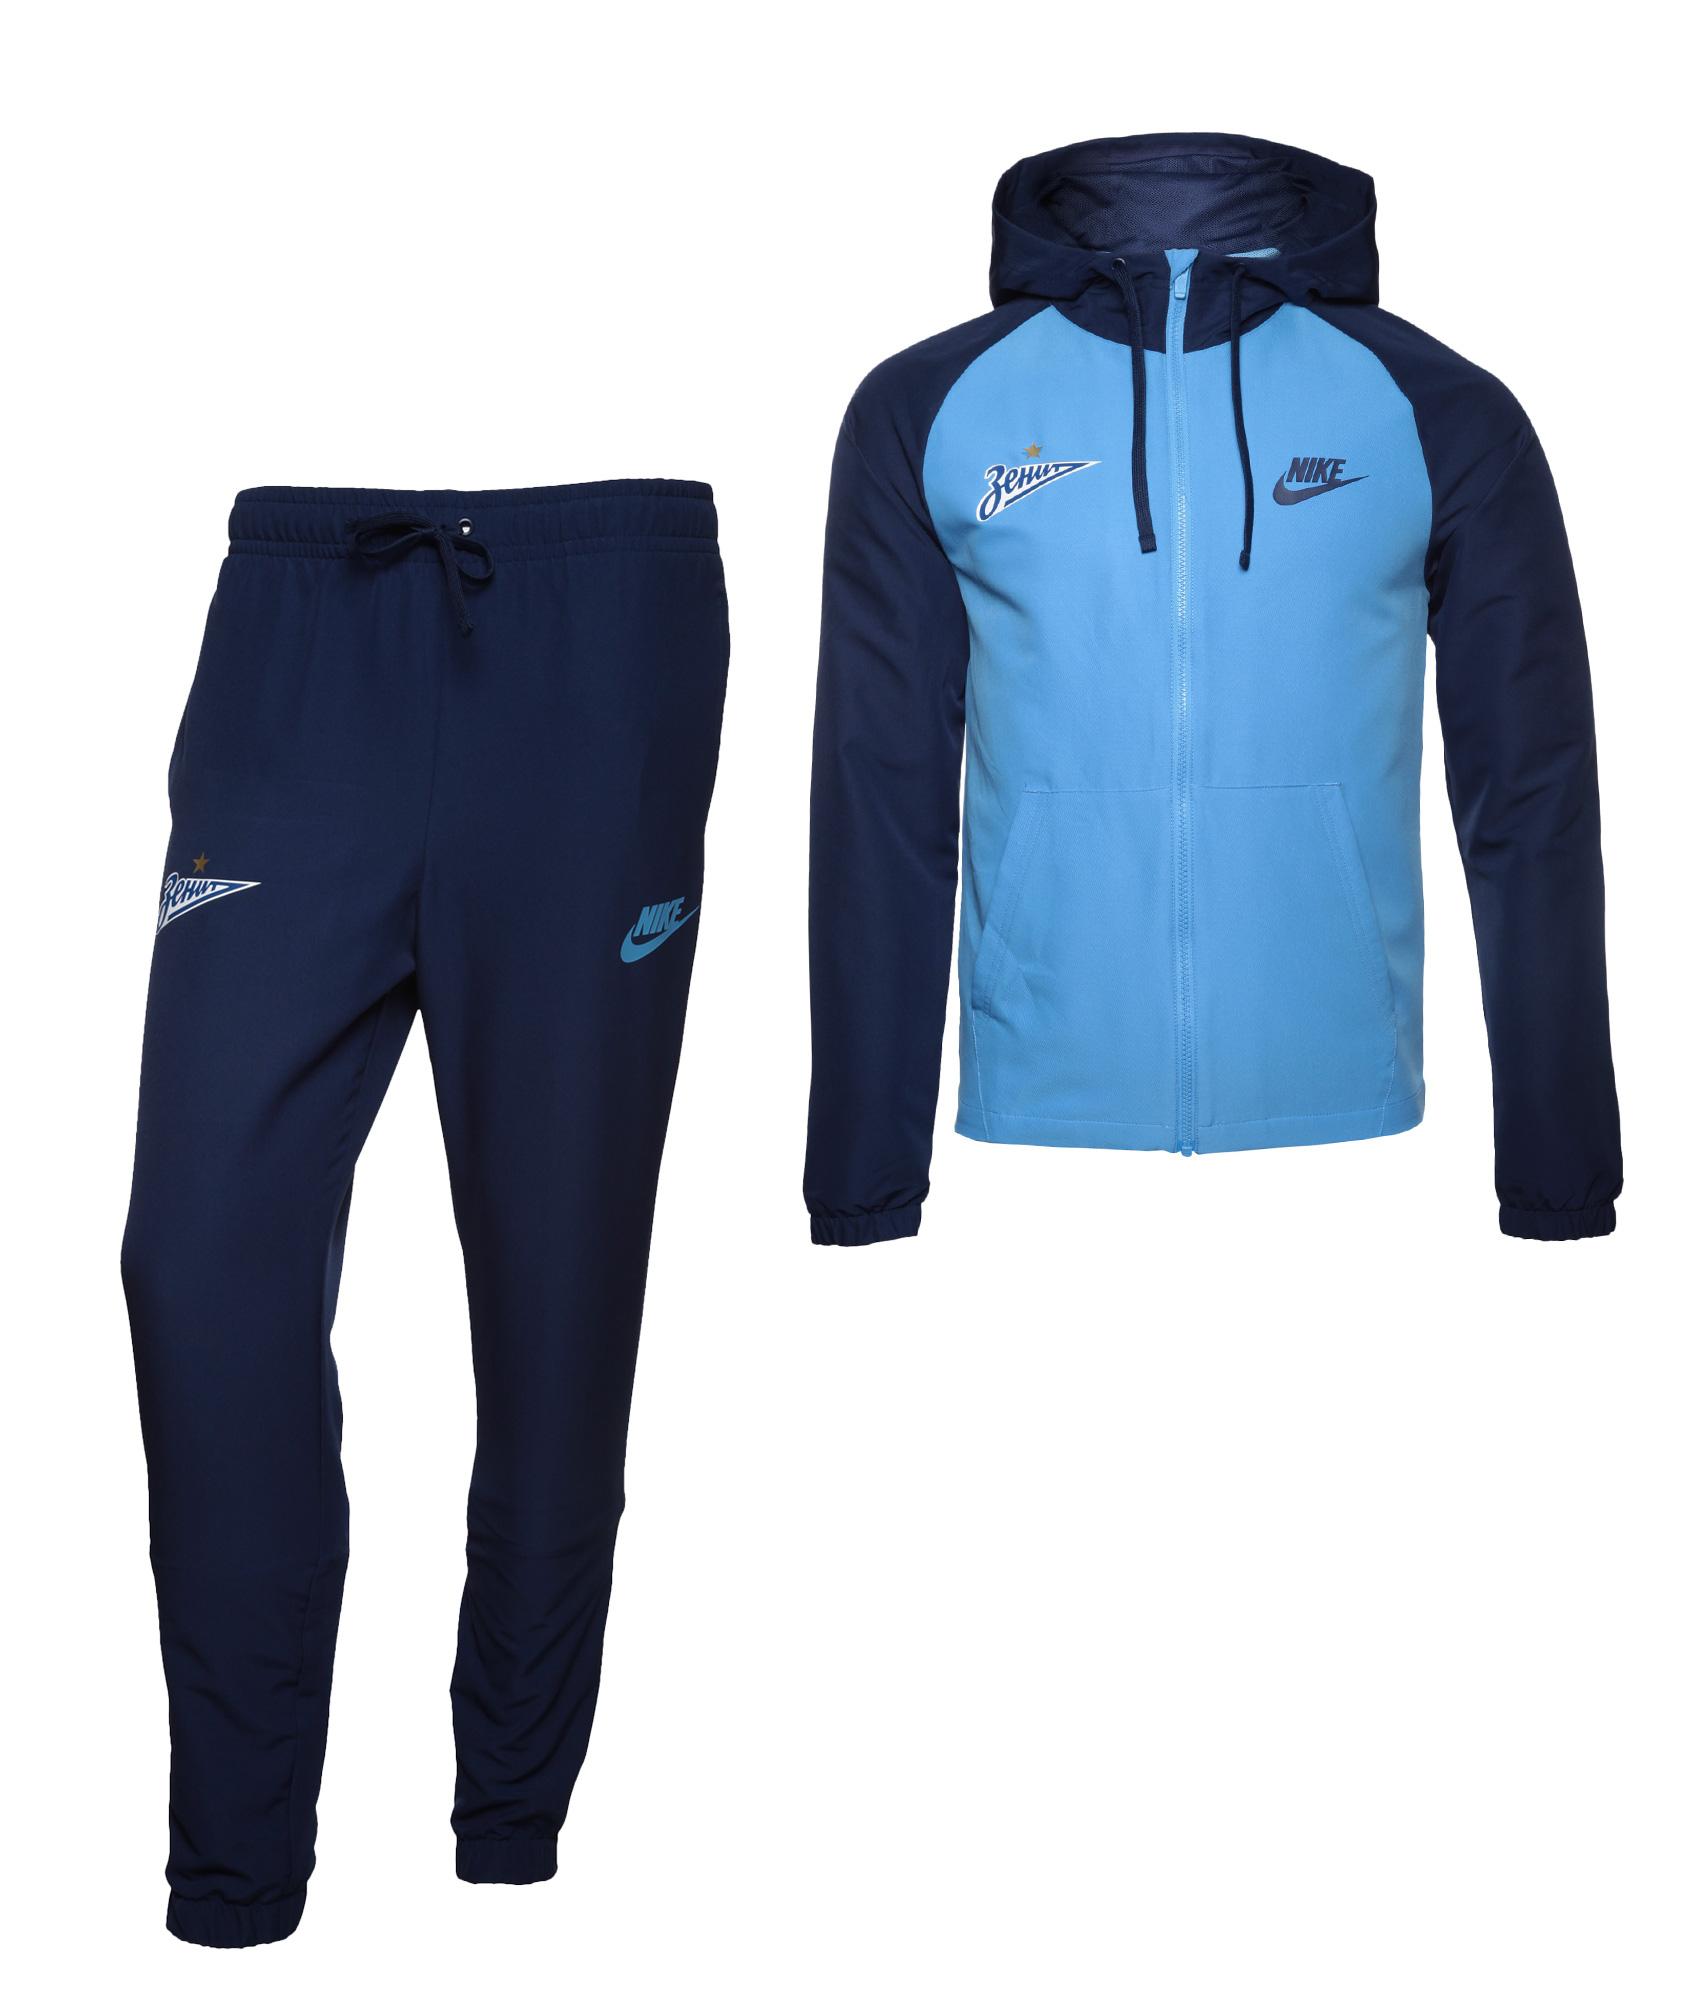 Спортивный костюм Nike, Цвет-Синий, Размер-M поло nike цвет голубой размер m